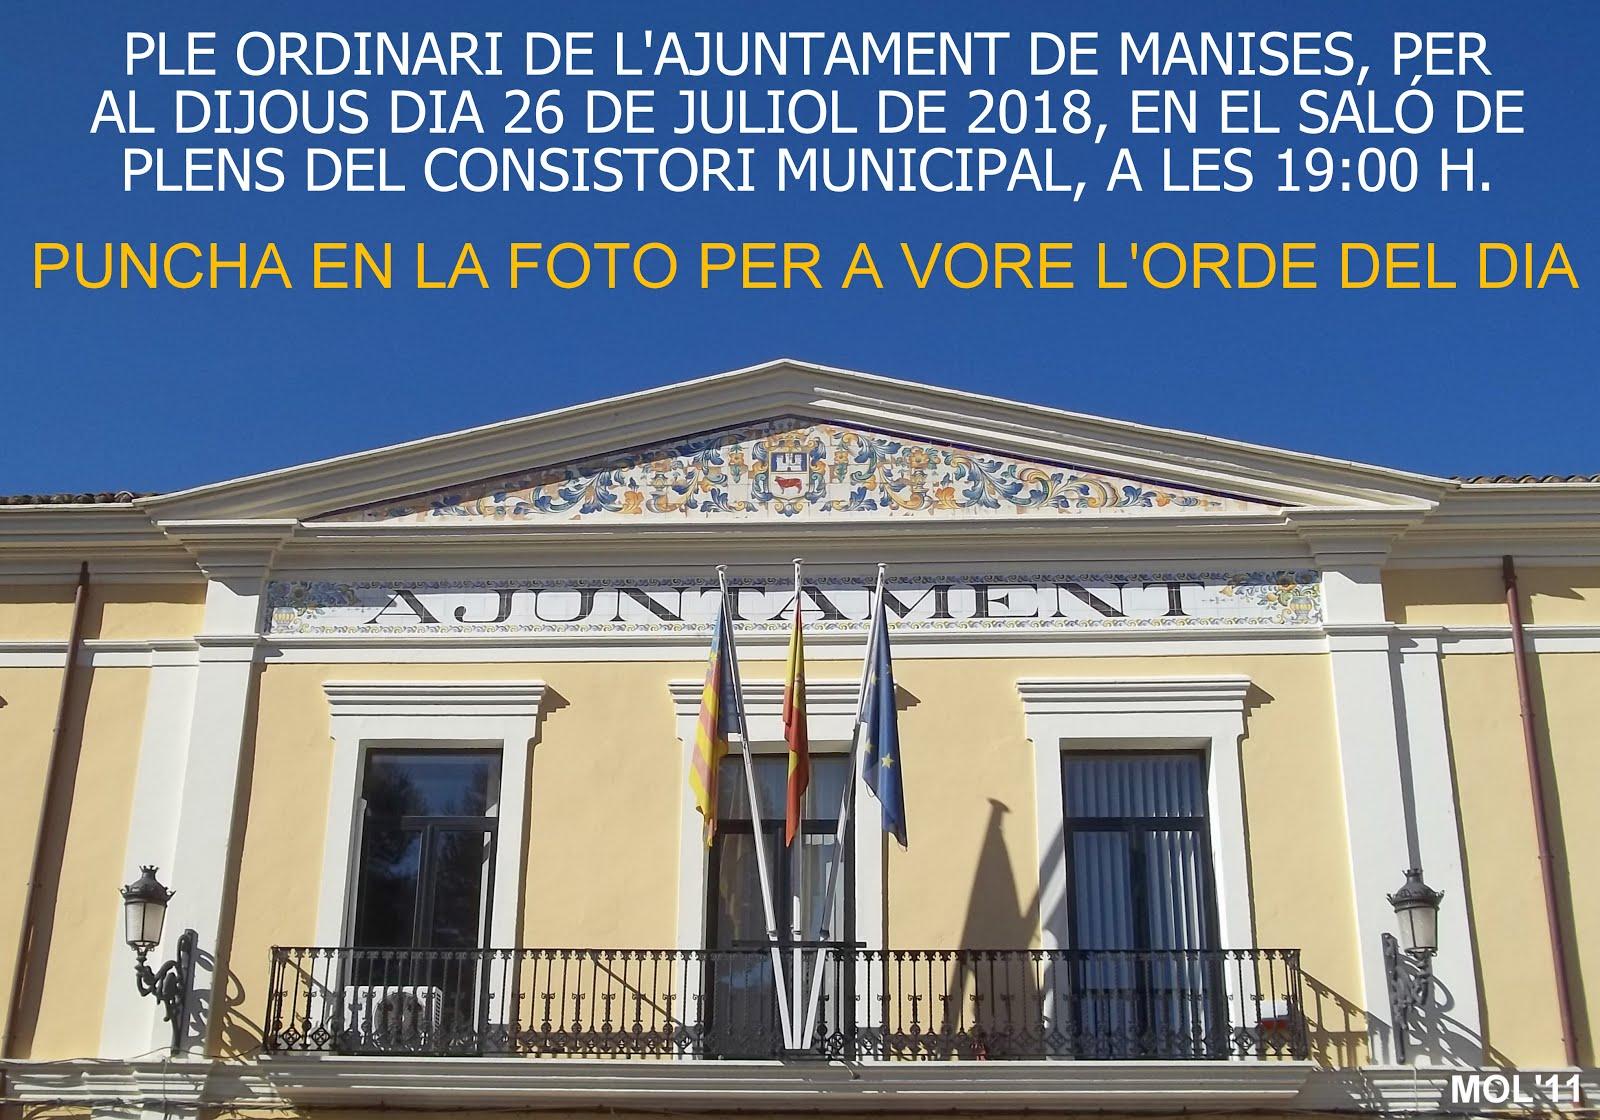 26.07.18 PLENO ORDINARIO DEL AYUNTAMIENTO DE MANISES DEL MES DE JULIO